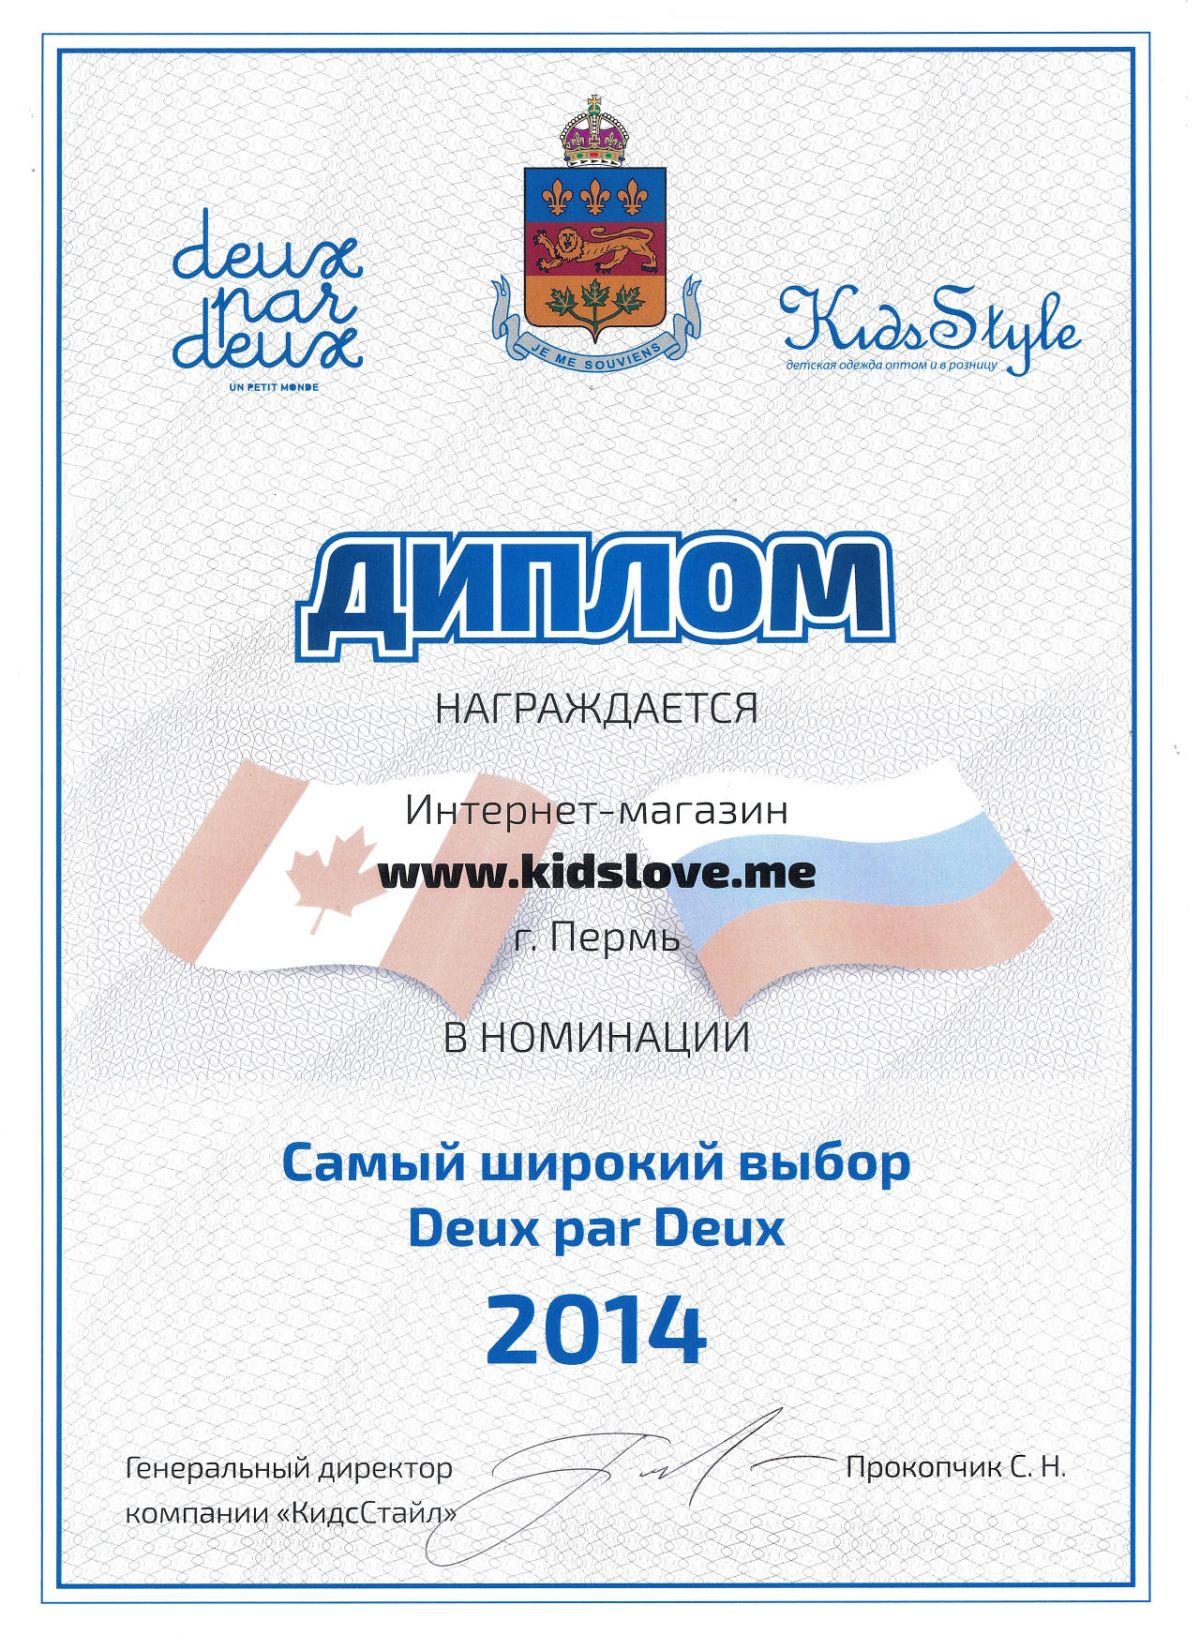 Kidslove.me стал обладателем титула «Самый широкий выбор Deux par Deux в России»